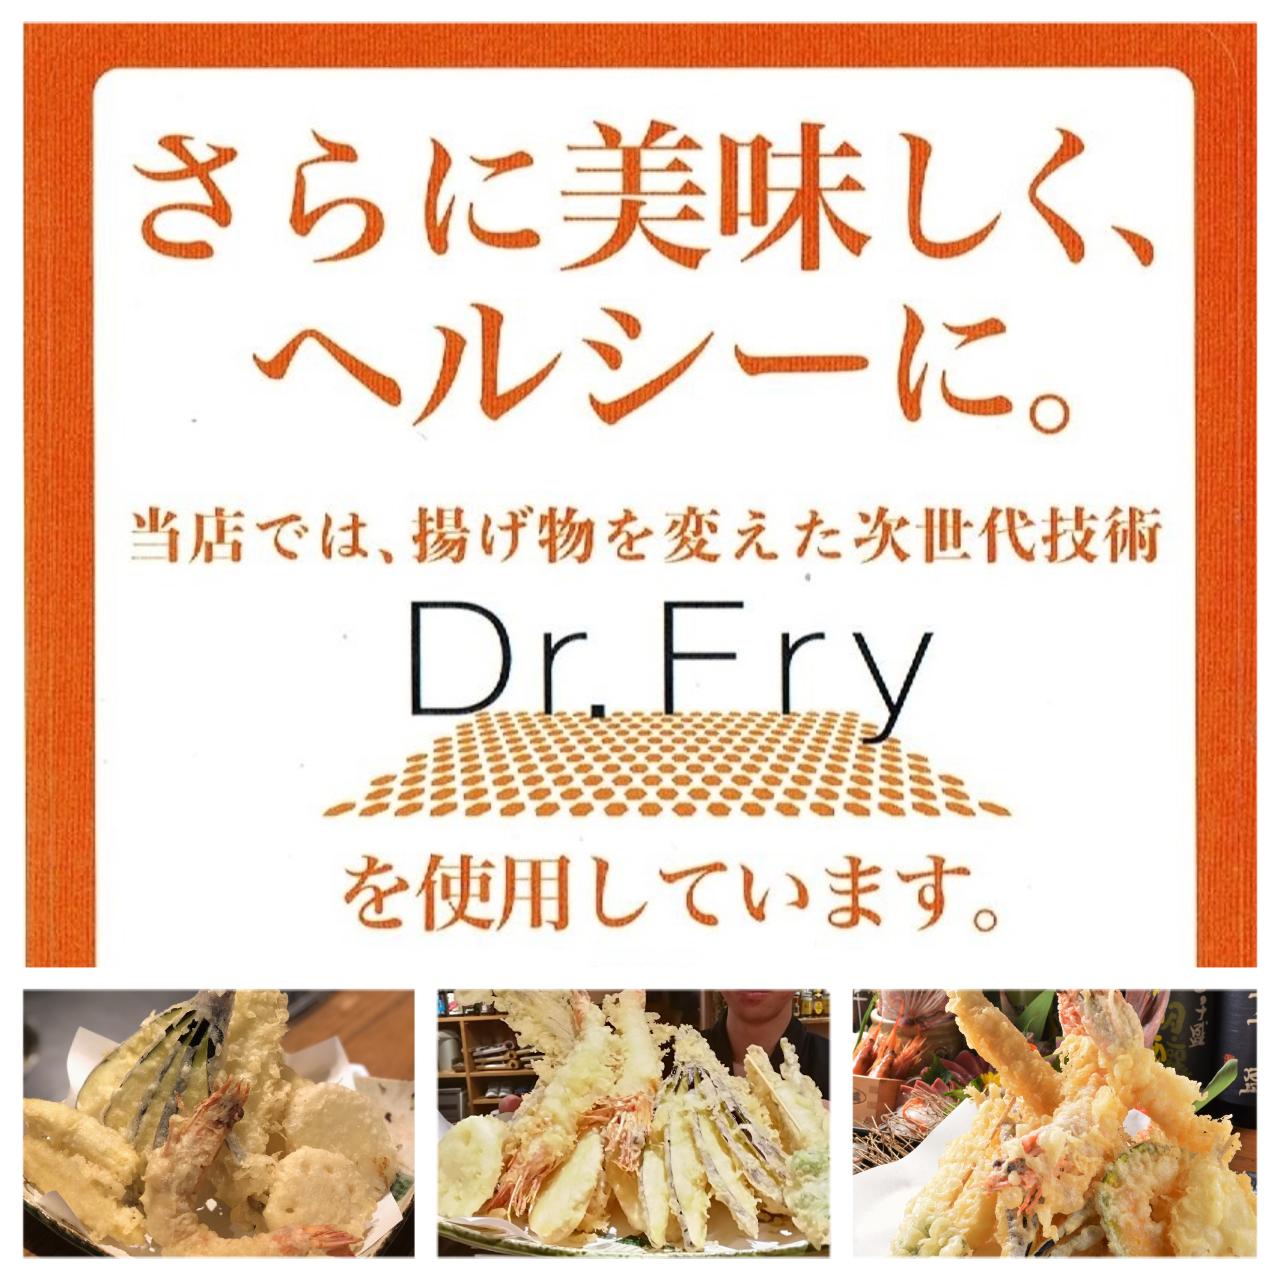 美味しく楽しい天ぷらをどうぞ!^^